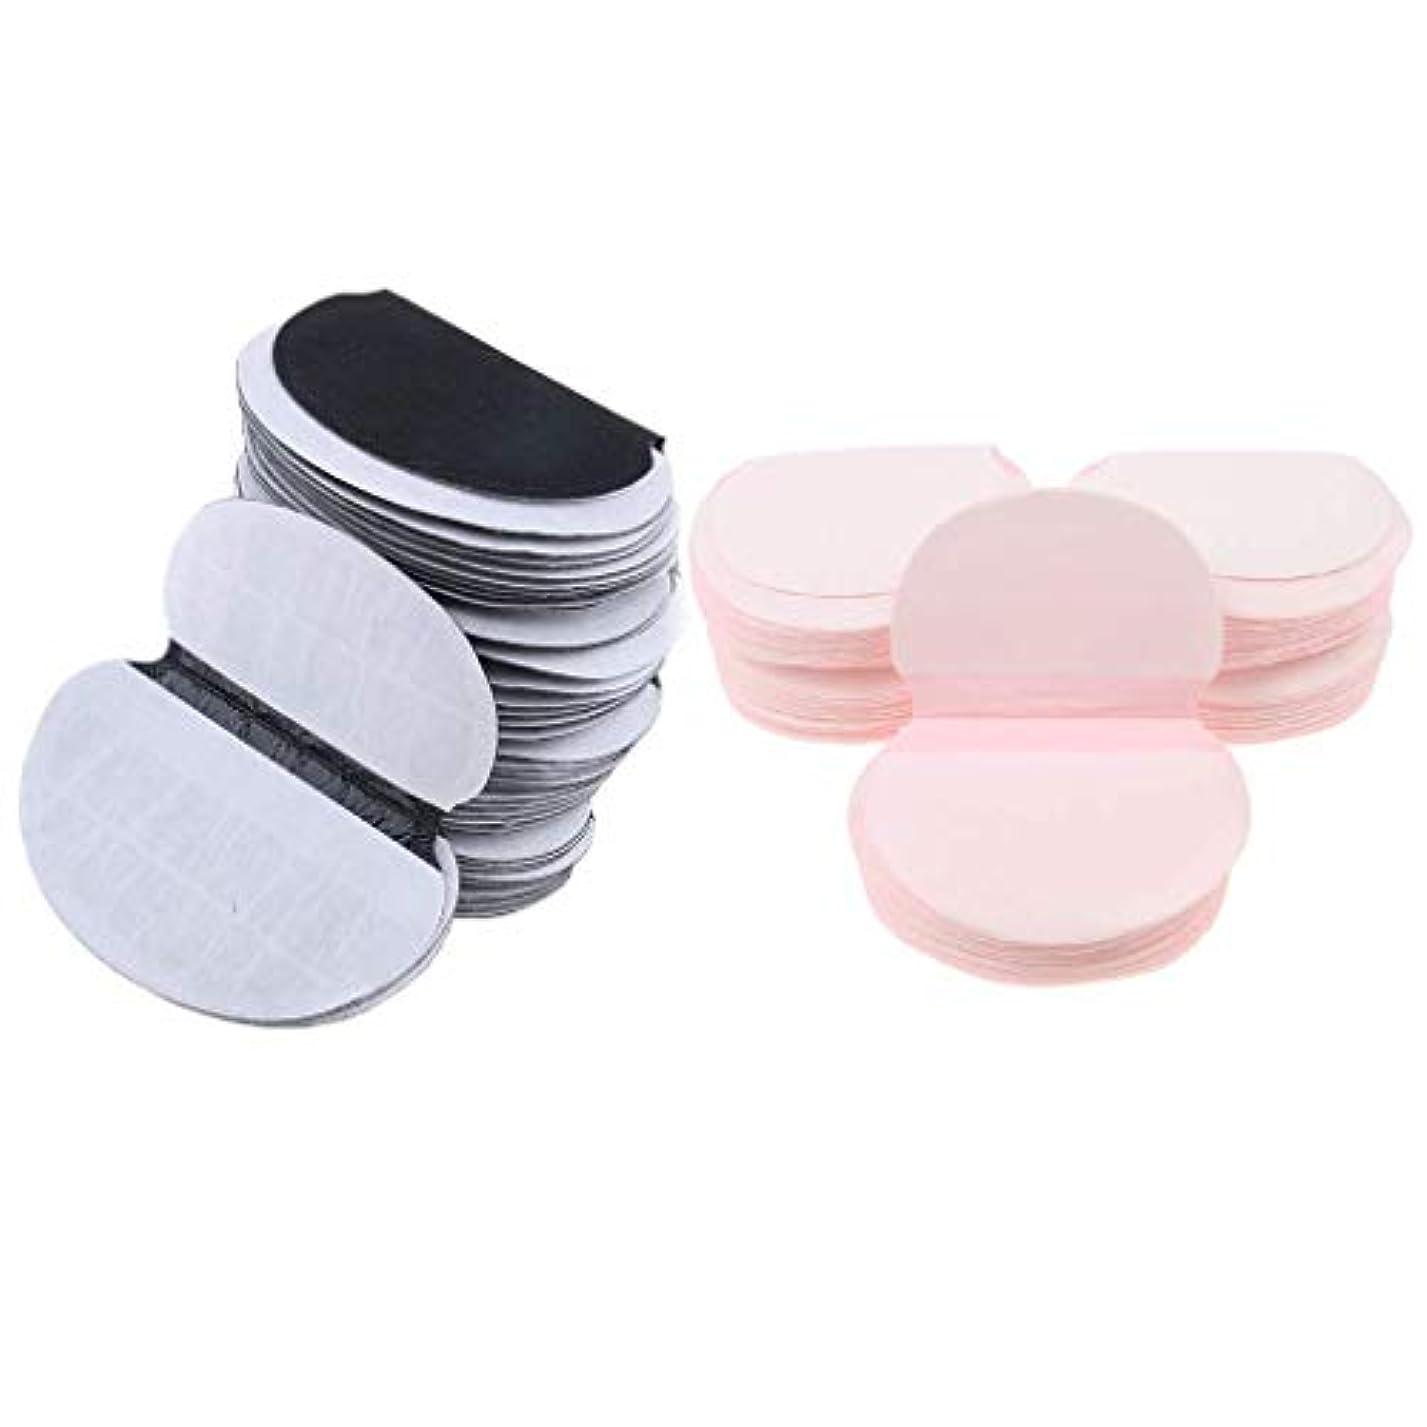 略語プロット風Baoblaze 約100個 使い捨て 脇パッド 汗取りパッド 男性 女性 あせジミ防止 防臭 ブラック ピンク